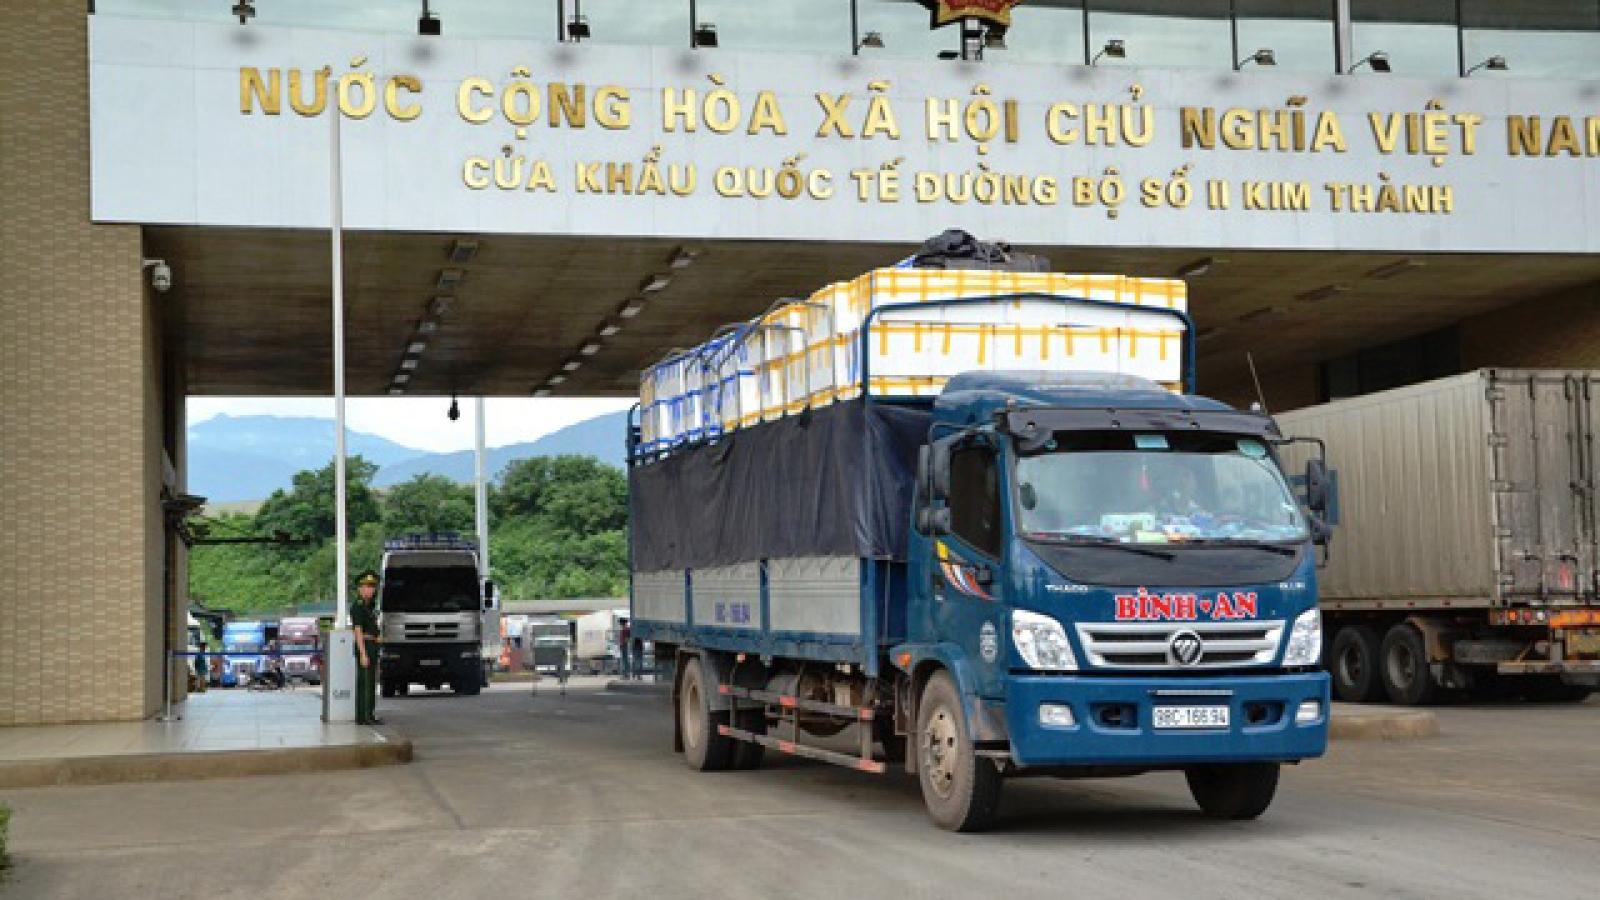 """Vải tươi được """"đặc cách"""" khi xuất qua cửa khẩu Lào Cai"""